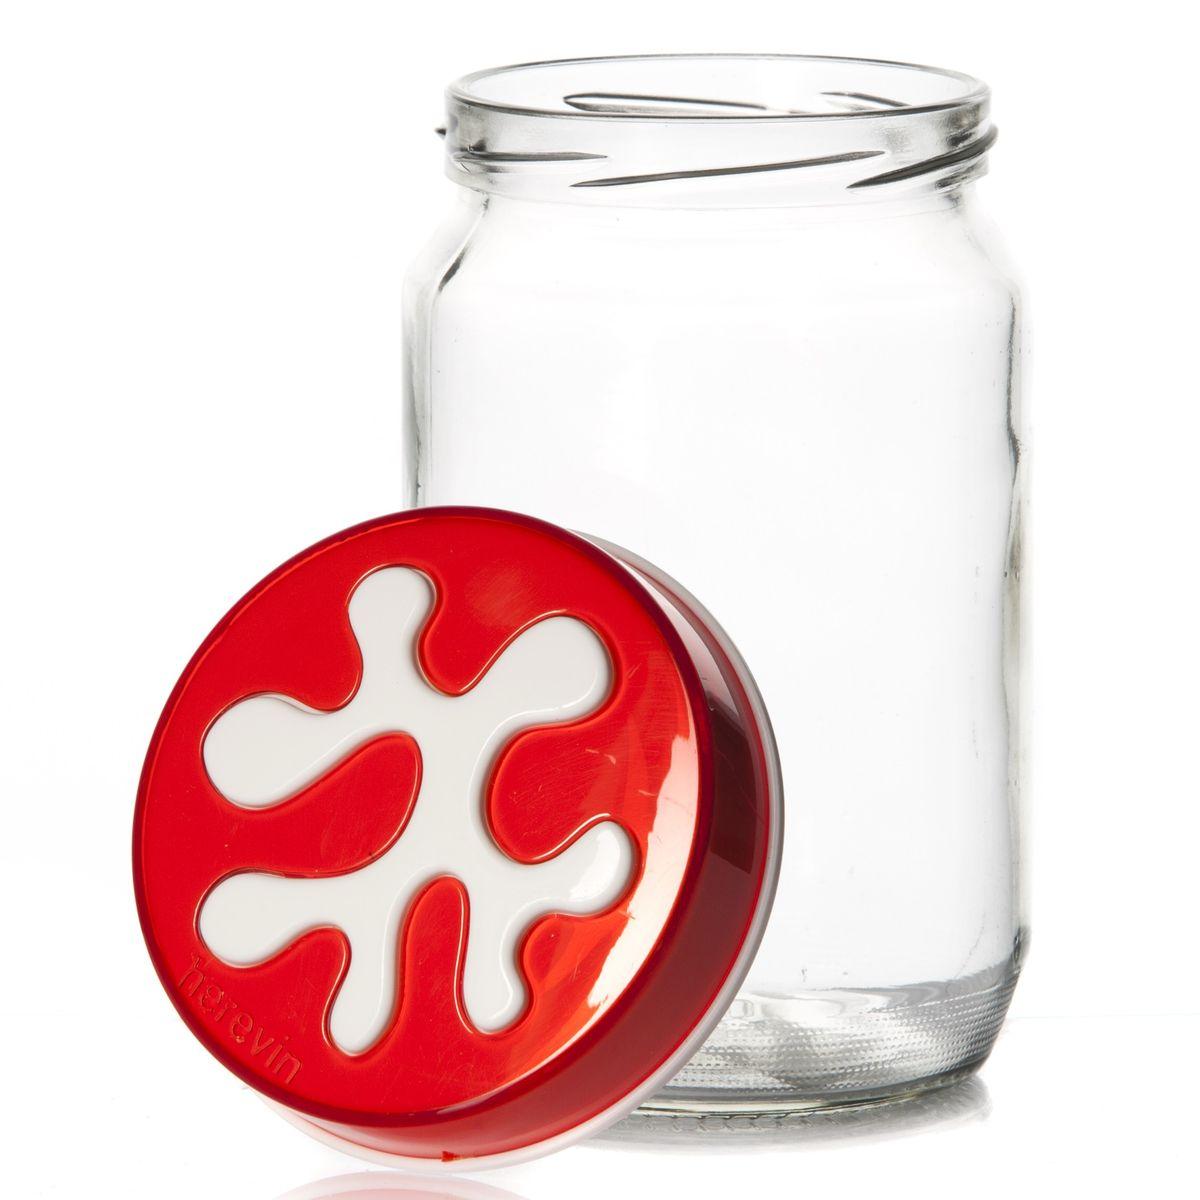 Банка для сыпучих продуктов Herevin, цвет: красный, 720 мл. 135367-007Ветерок-2 У_6 поддоновБанка для сыпучих продуктов Herevin изготовлена из прочного стекла и оснащена плотно закрывающейся пластиковой крышкой. Благодаря этому внутри сохраняется герметичность, и продукты дольше остаются свежими. Изделие предназначено для хранения различных сыпучих продуктов: круп, чая, сахара, орехов и т.д. Функциональная и вместительная, такая банка станет незаменимым аксессуаром на любой кухне. Можно мыть в посудомоечной машине. Пластиковые части рекомендуется мыть вручную.Объем: 720 мл.Диаметр (по верхнему краю): 7,5 см.Высота банки (без учета крышки): 14 см.